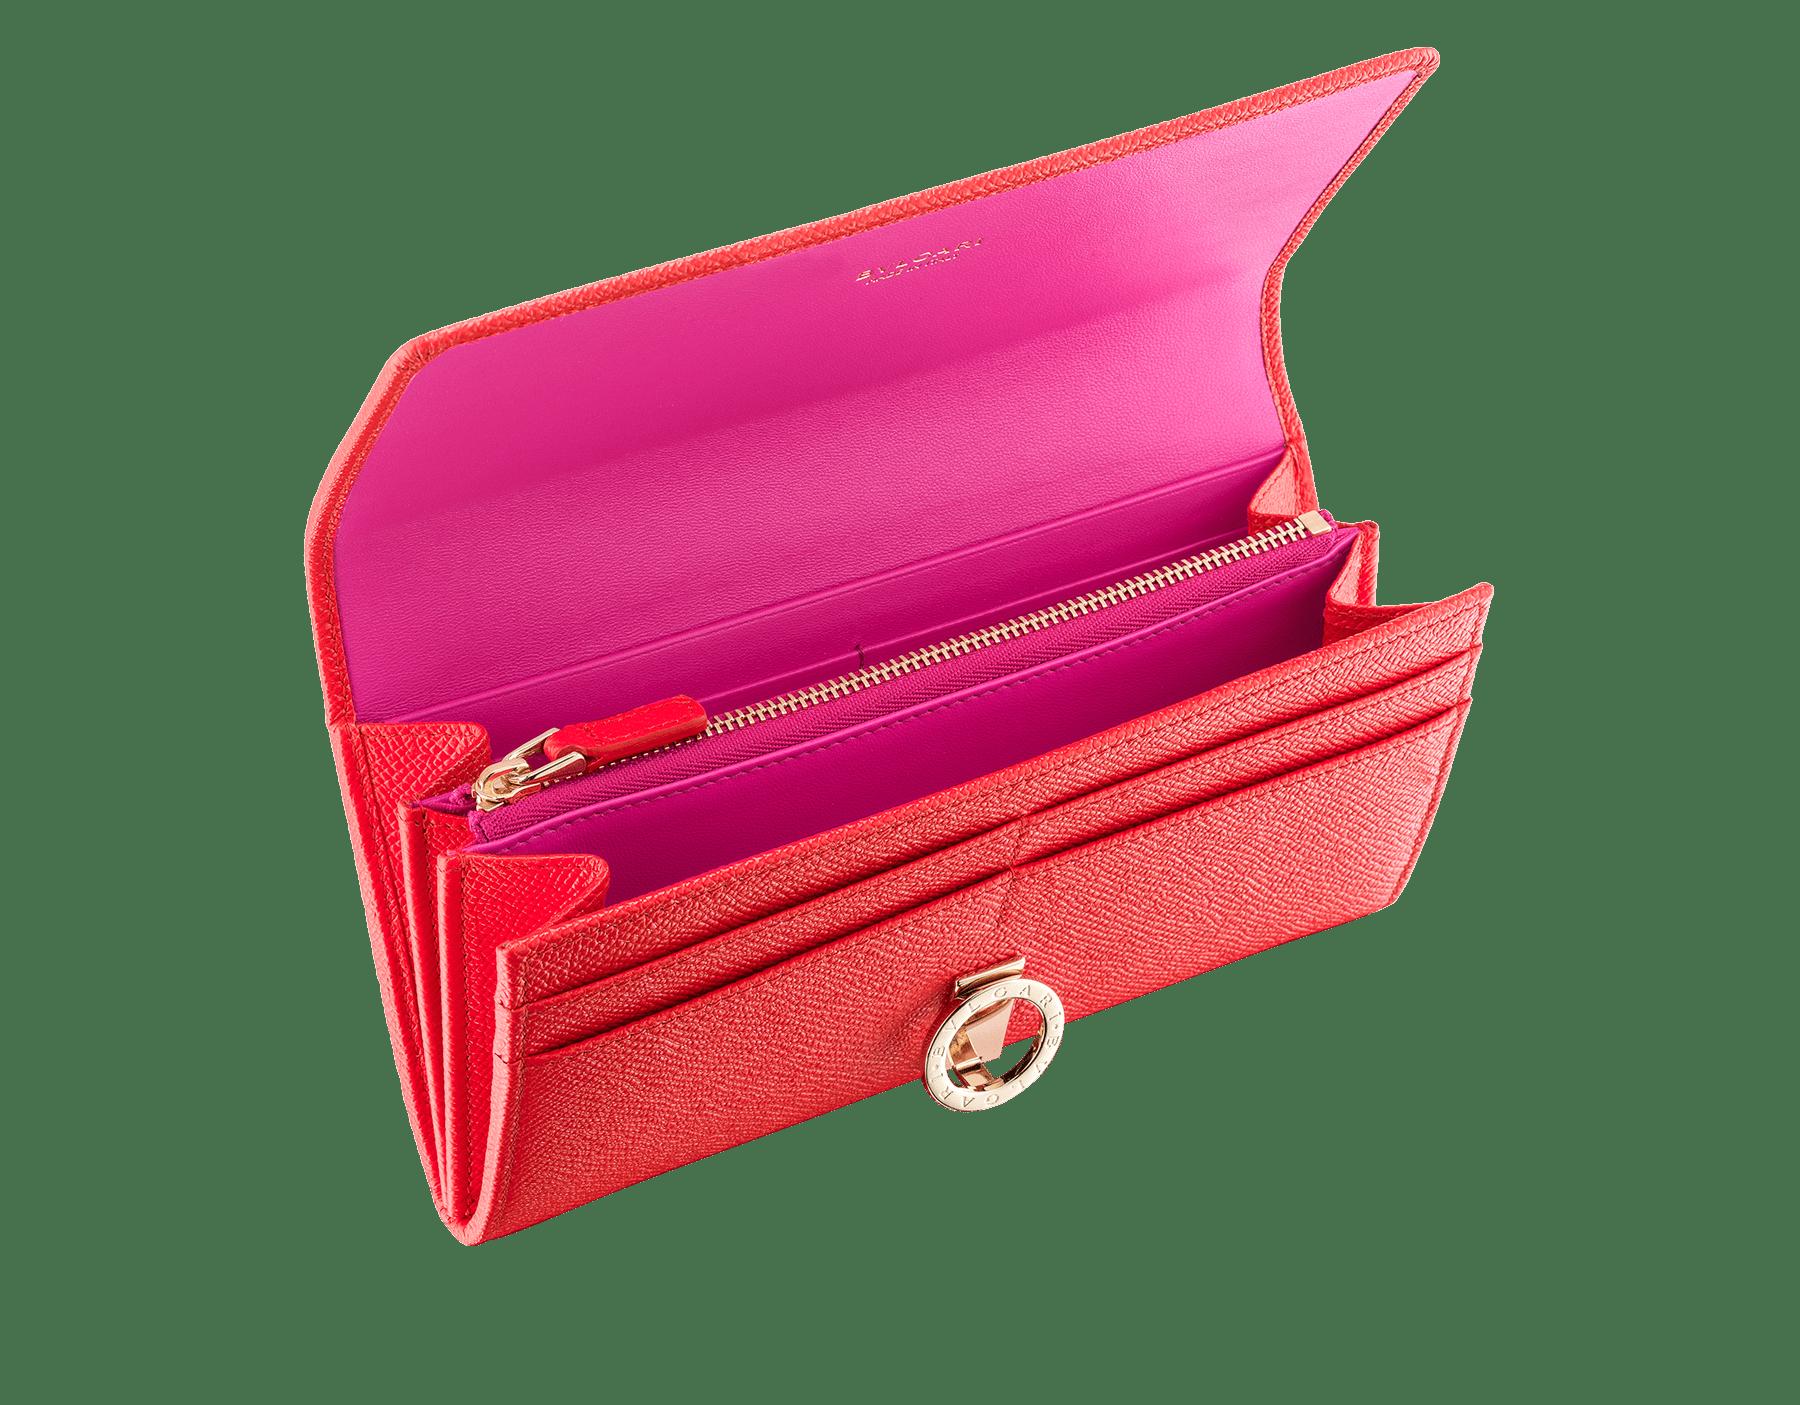 Pochette-portefeuille BVLGARI BVLGARI en cuir de veau grainé couleur Sea Star Coral et cuir nappa couleur Pink Spinel. Fermoir emblématique orné du logo Bvlgari en laiton doré. 288176 image 2